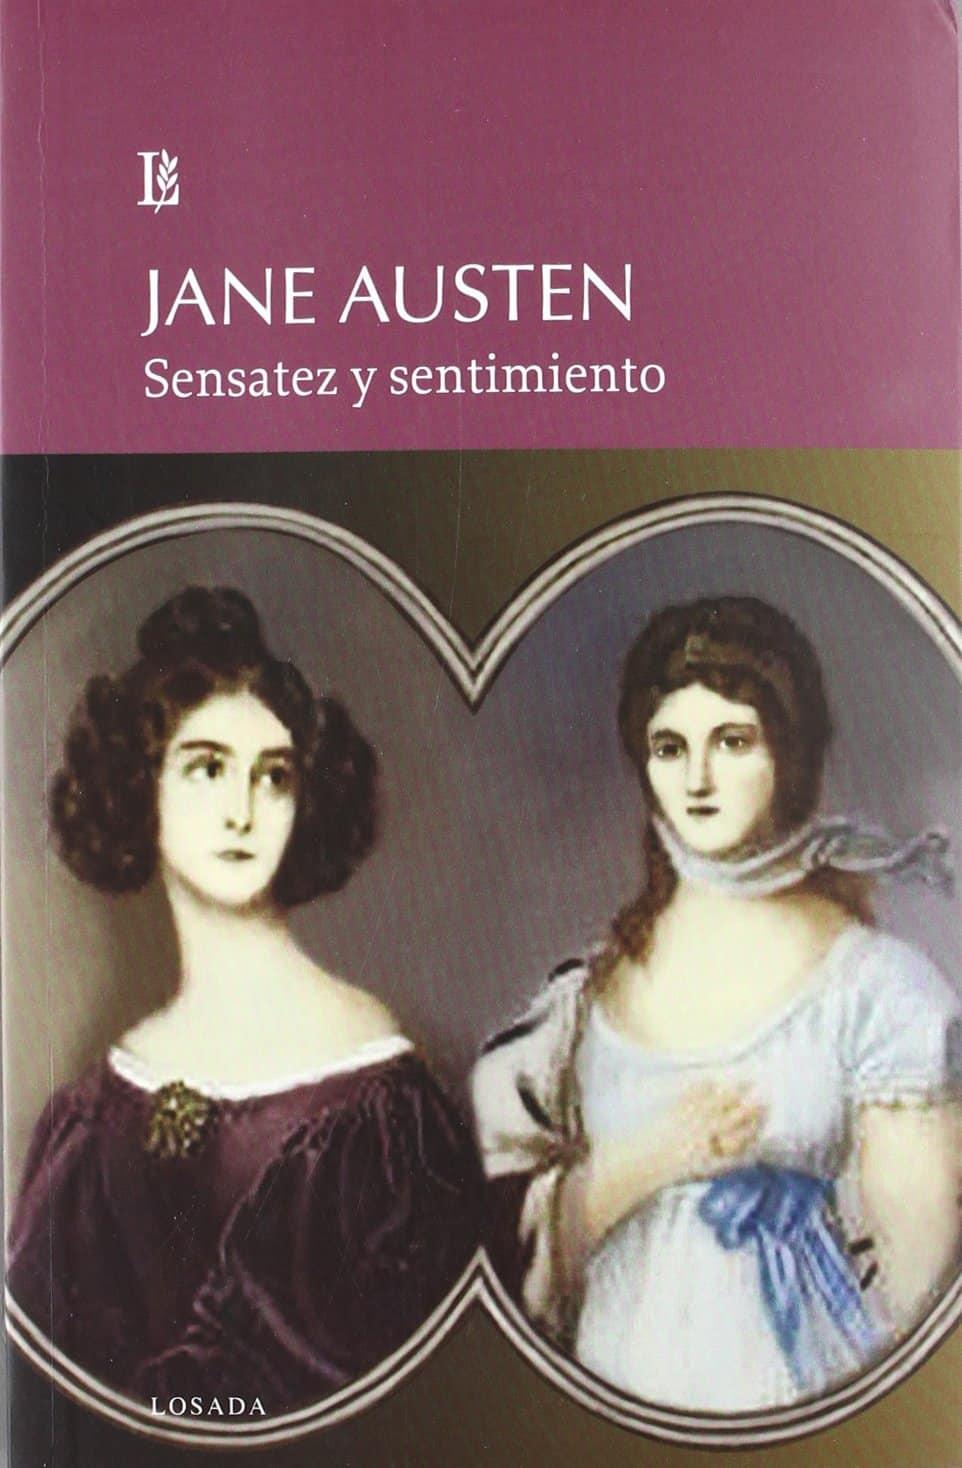 """Portada del libro""""Sensatez y sentimiento"""" de la autora Jane Austen."""